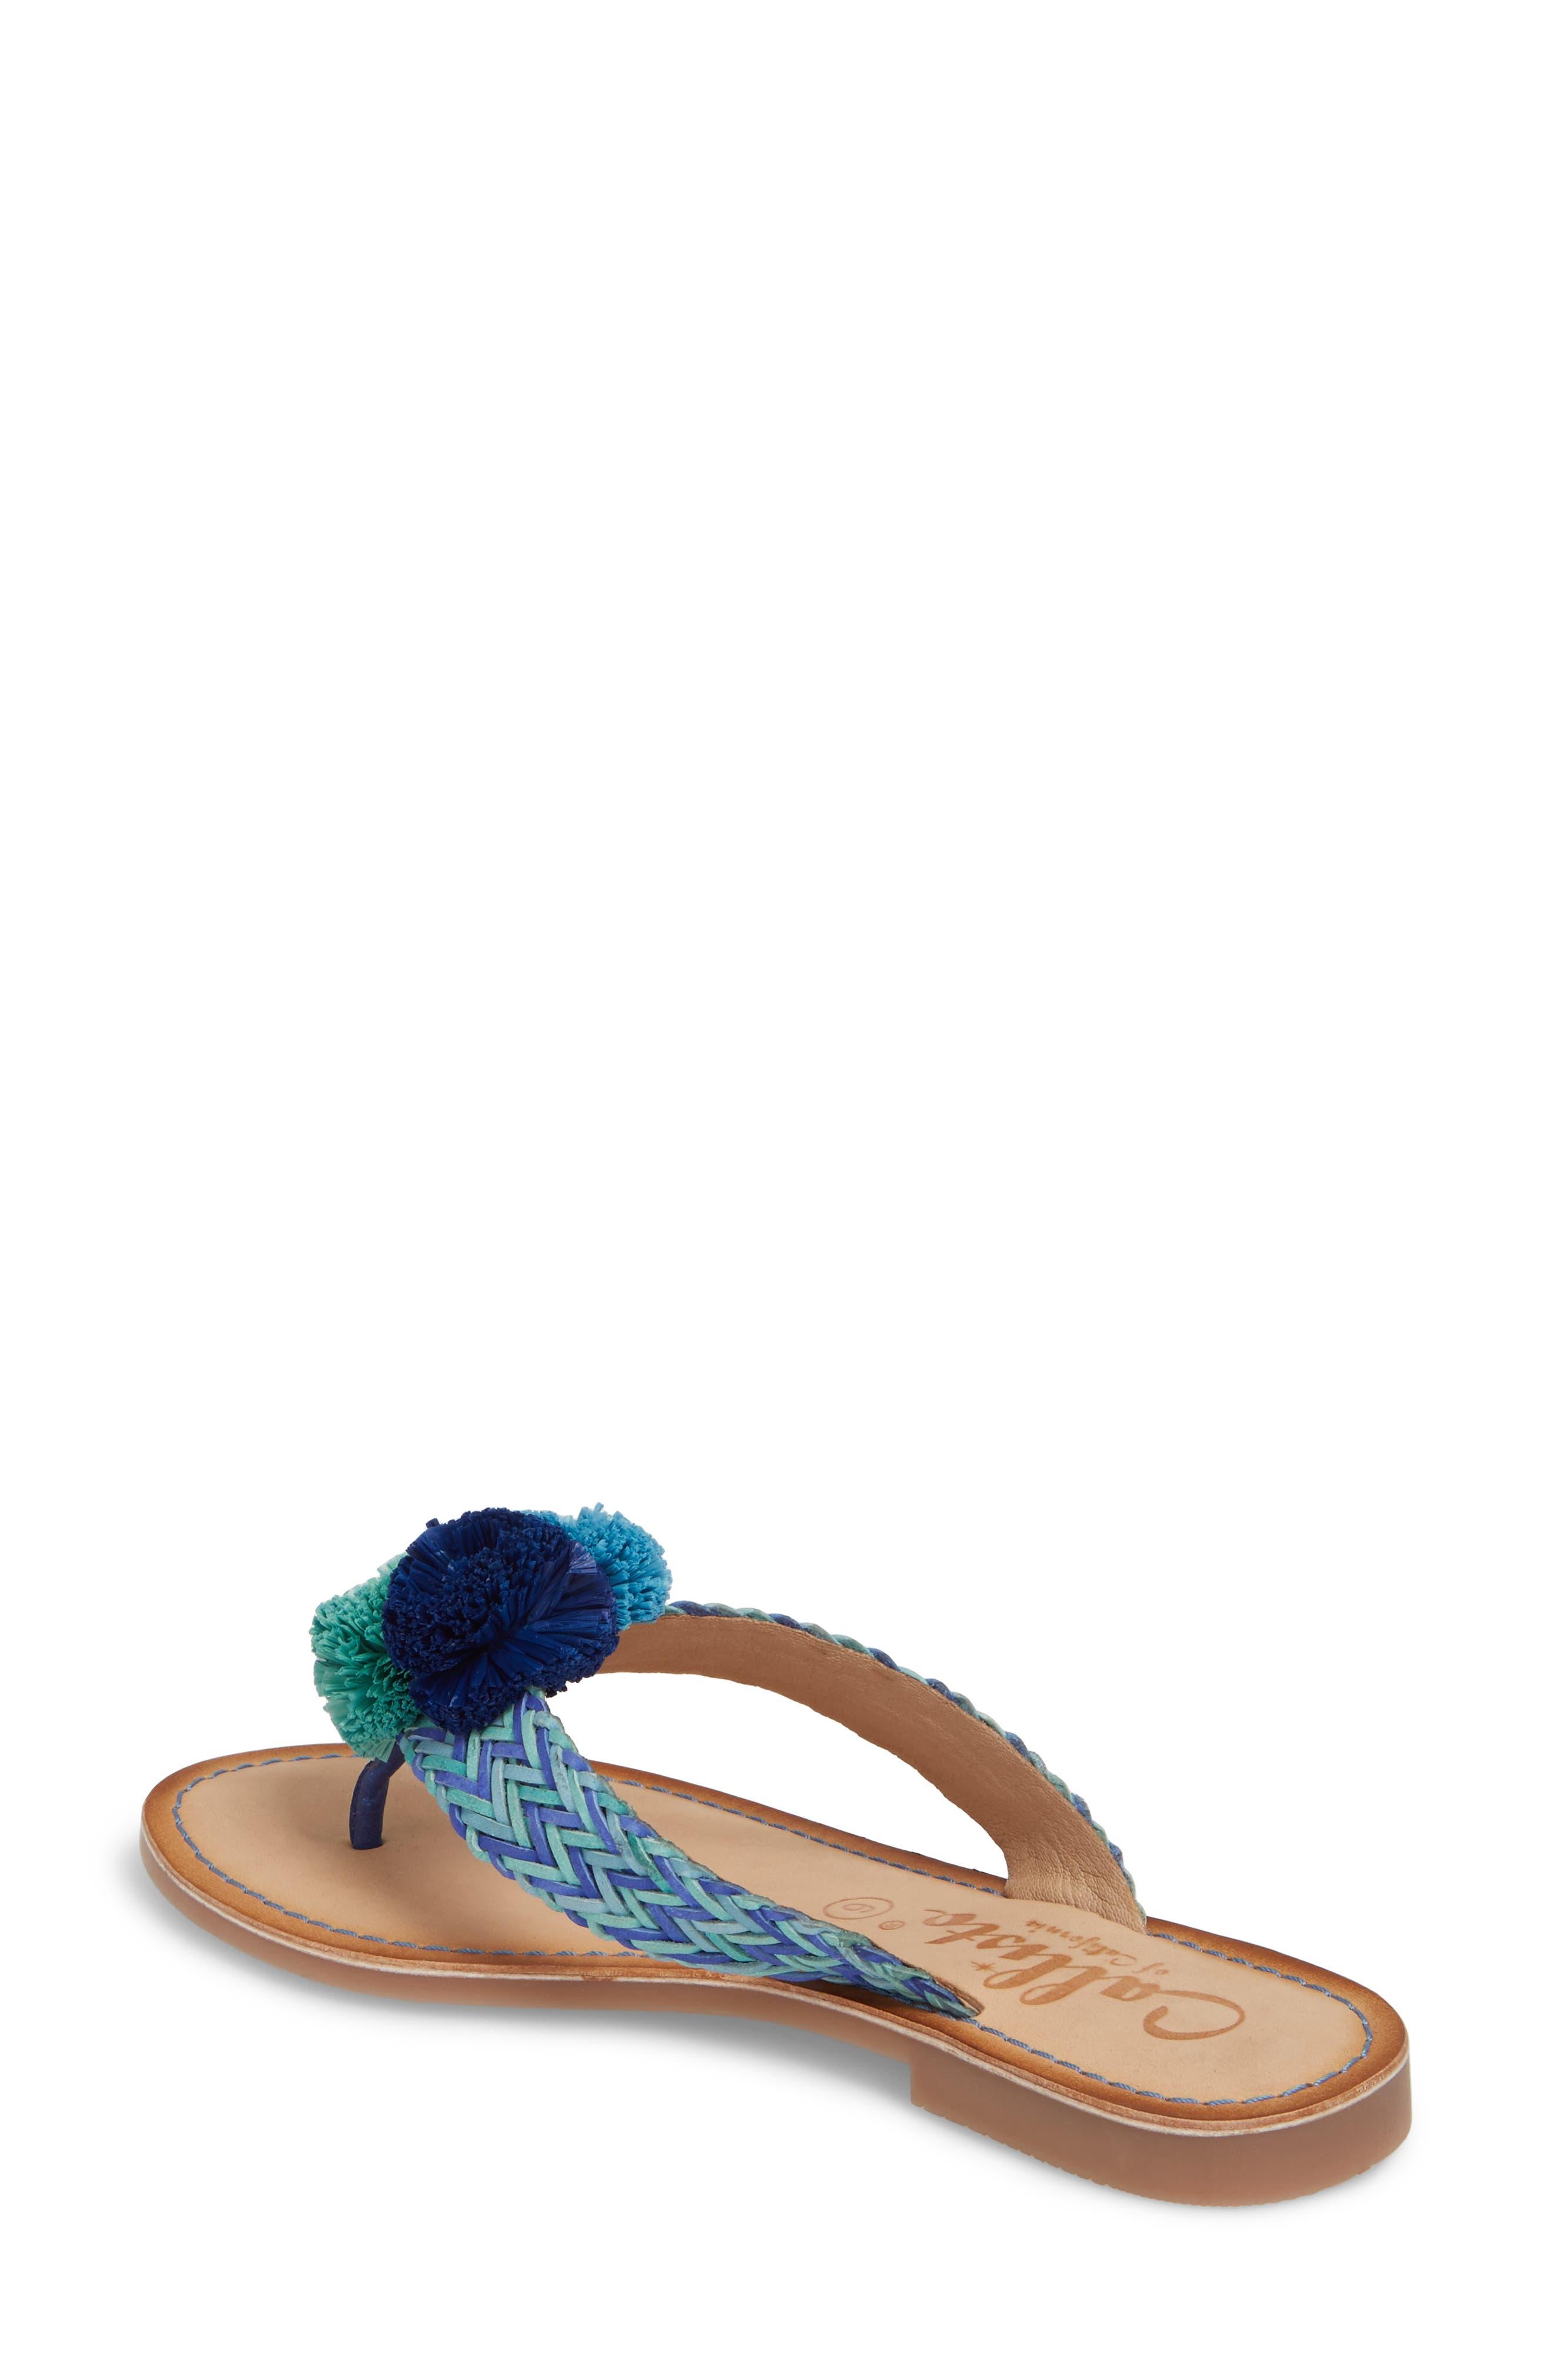 Pomm Flip Flop,                             Alternate thumbnail 2, color,                             Blue Leather